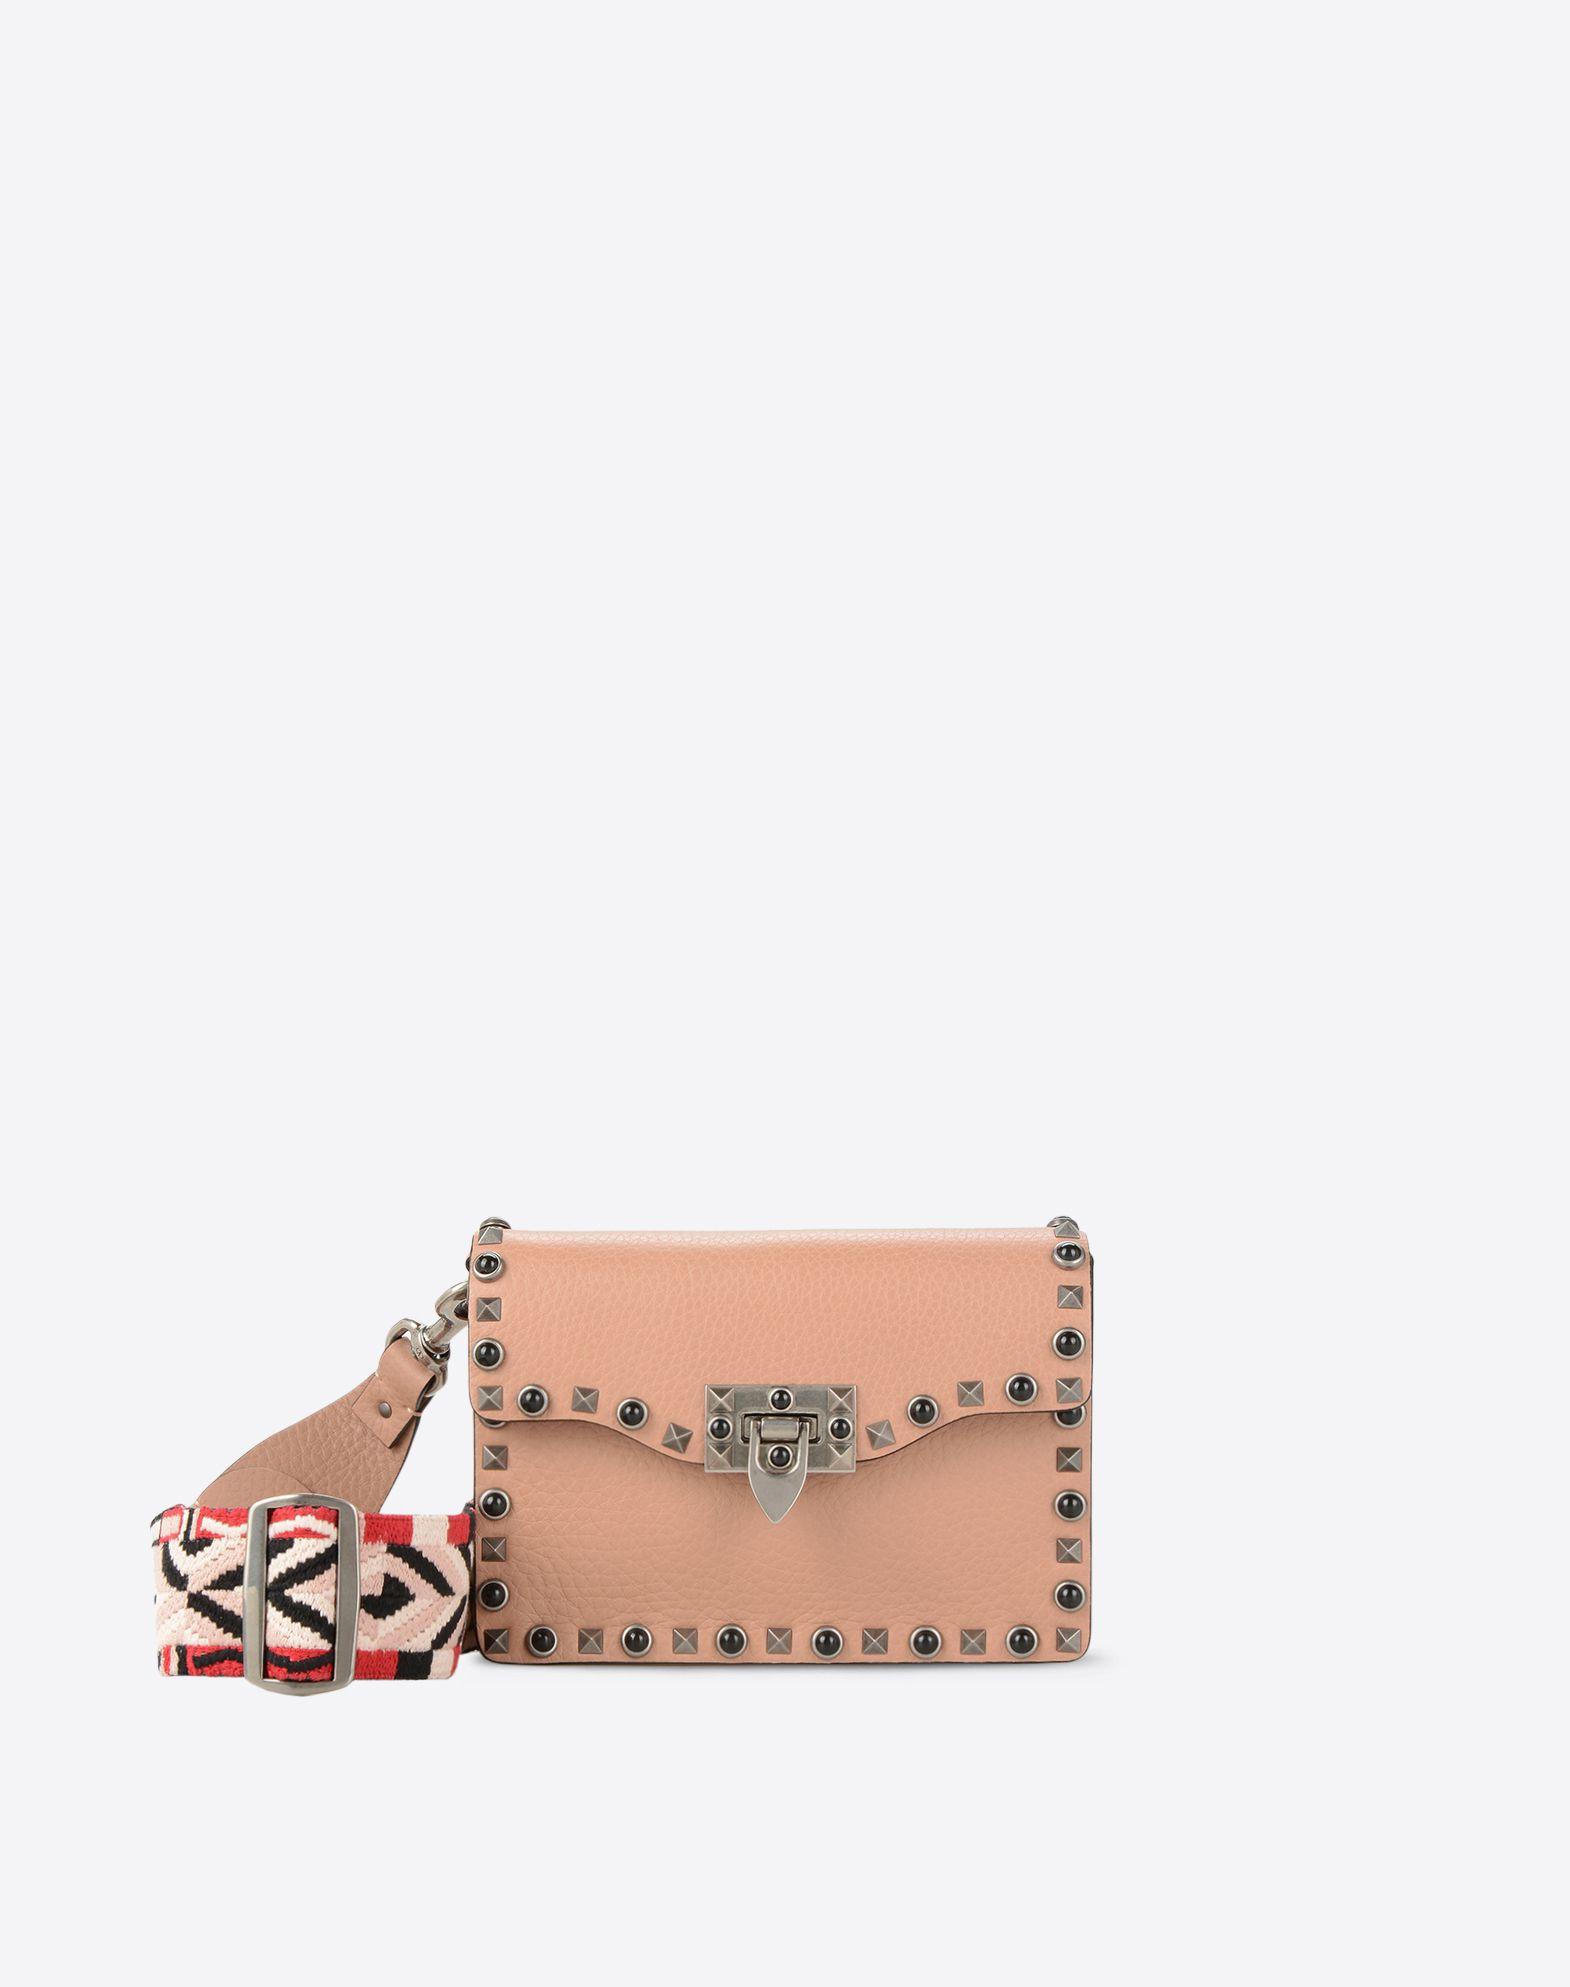 Valentino Garavani - Pochette en cuir Candystud f5ygnSx